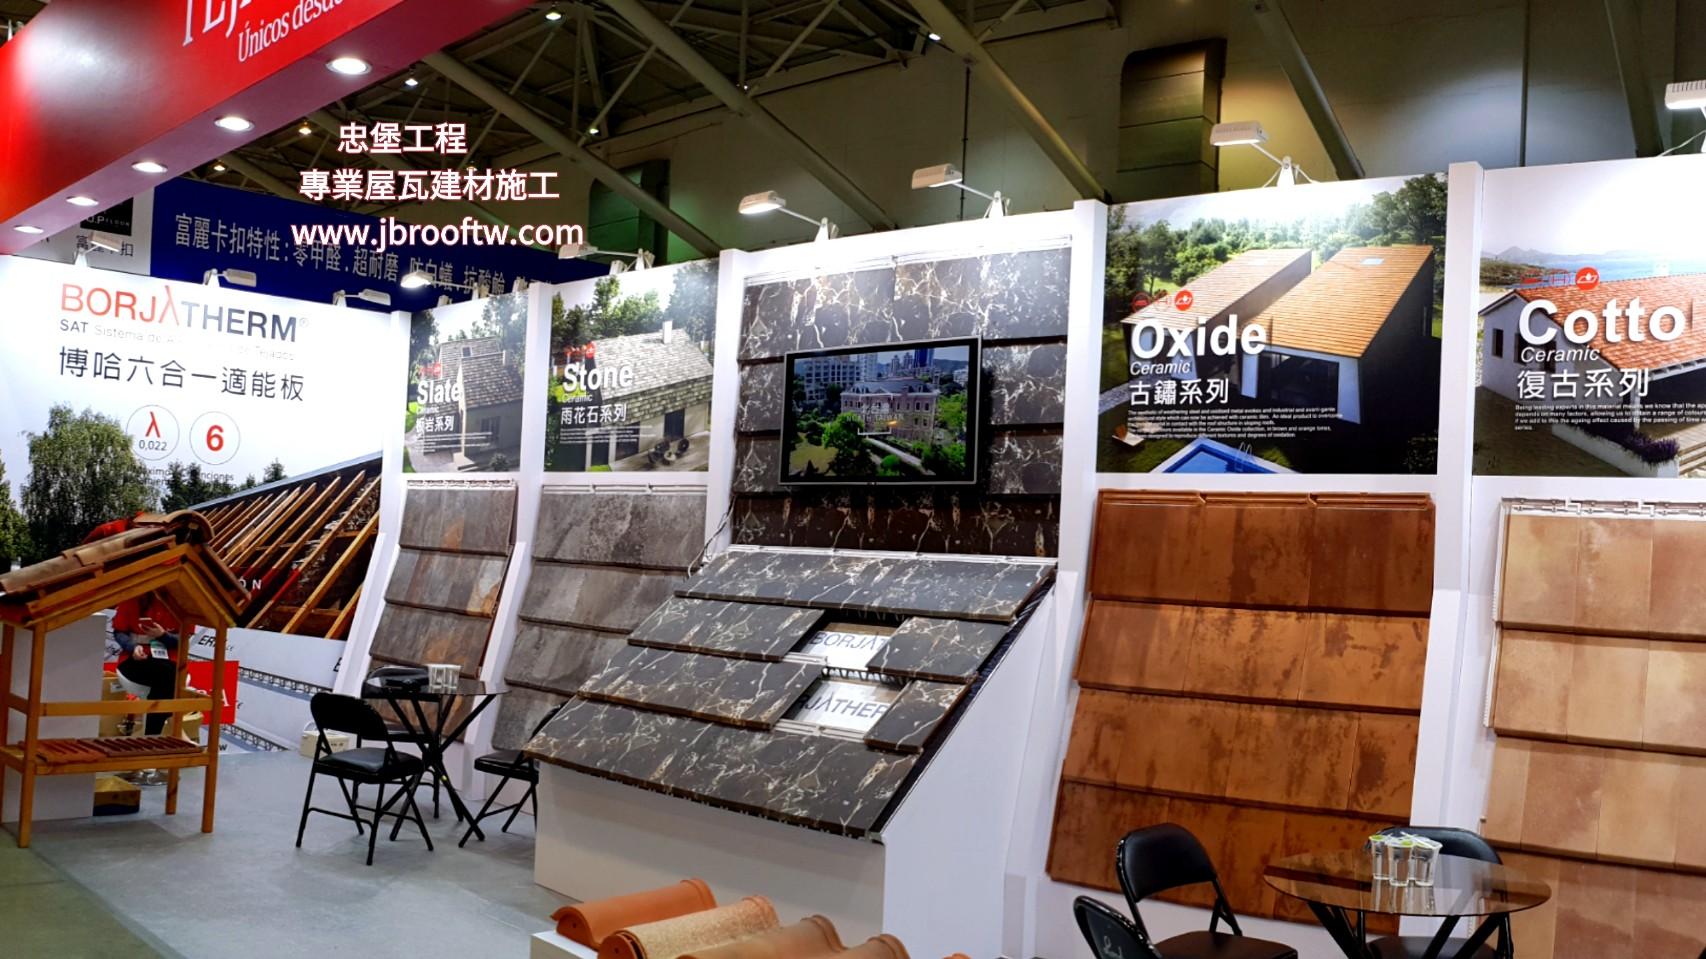 2018世貿台北建材展展場花絮及型錄